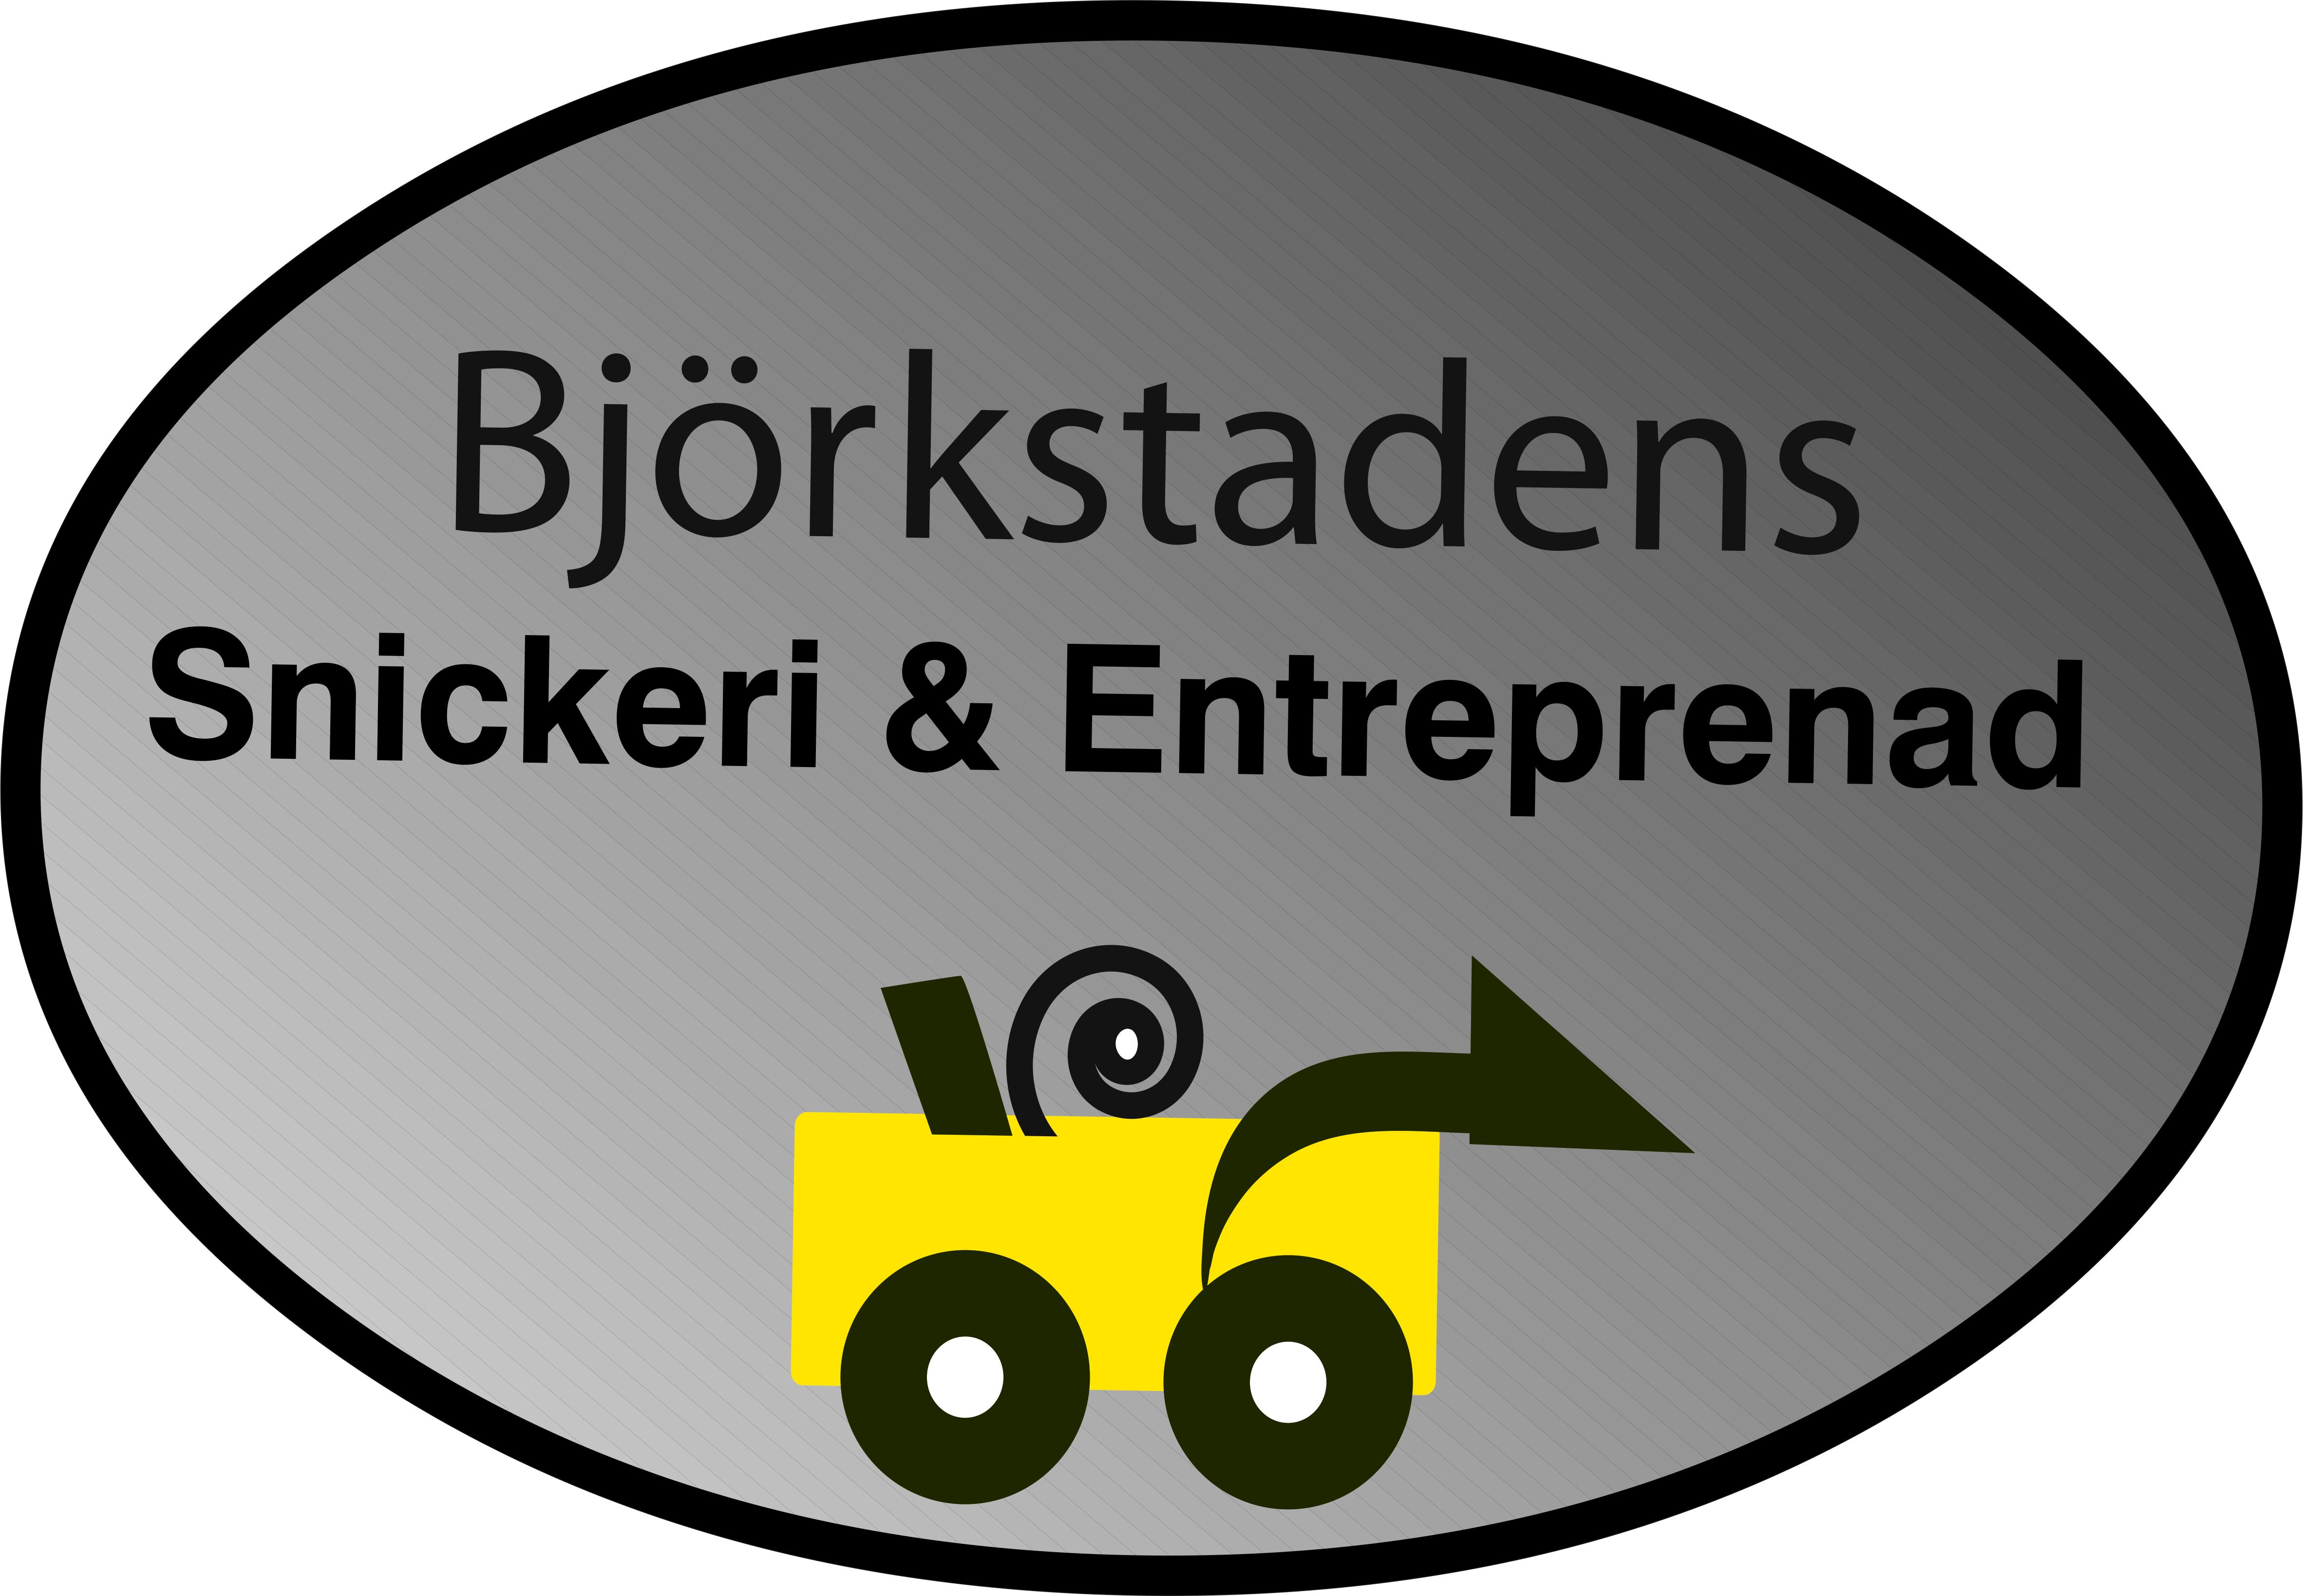 Björkstadens Snickeri & Entreprenad AB